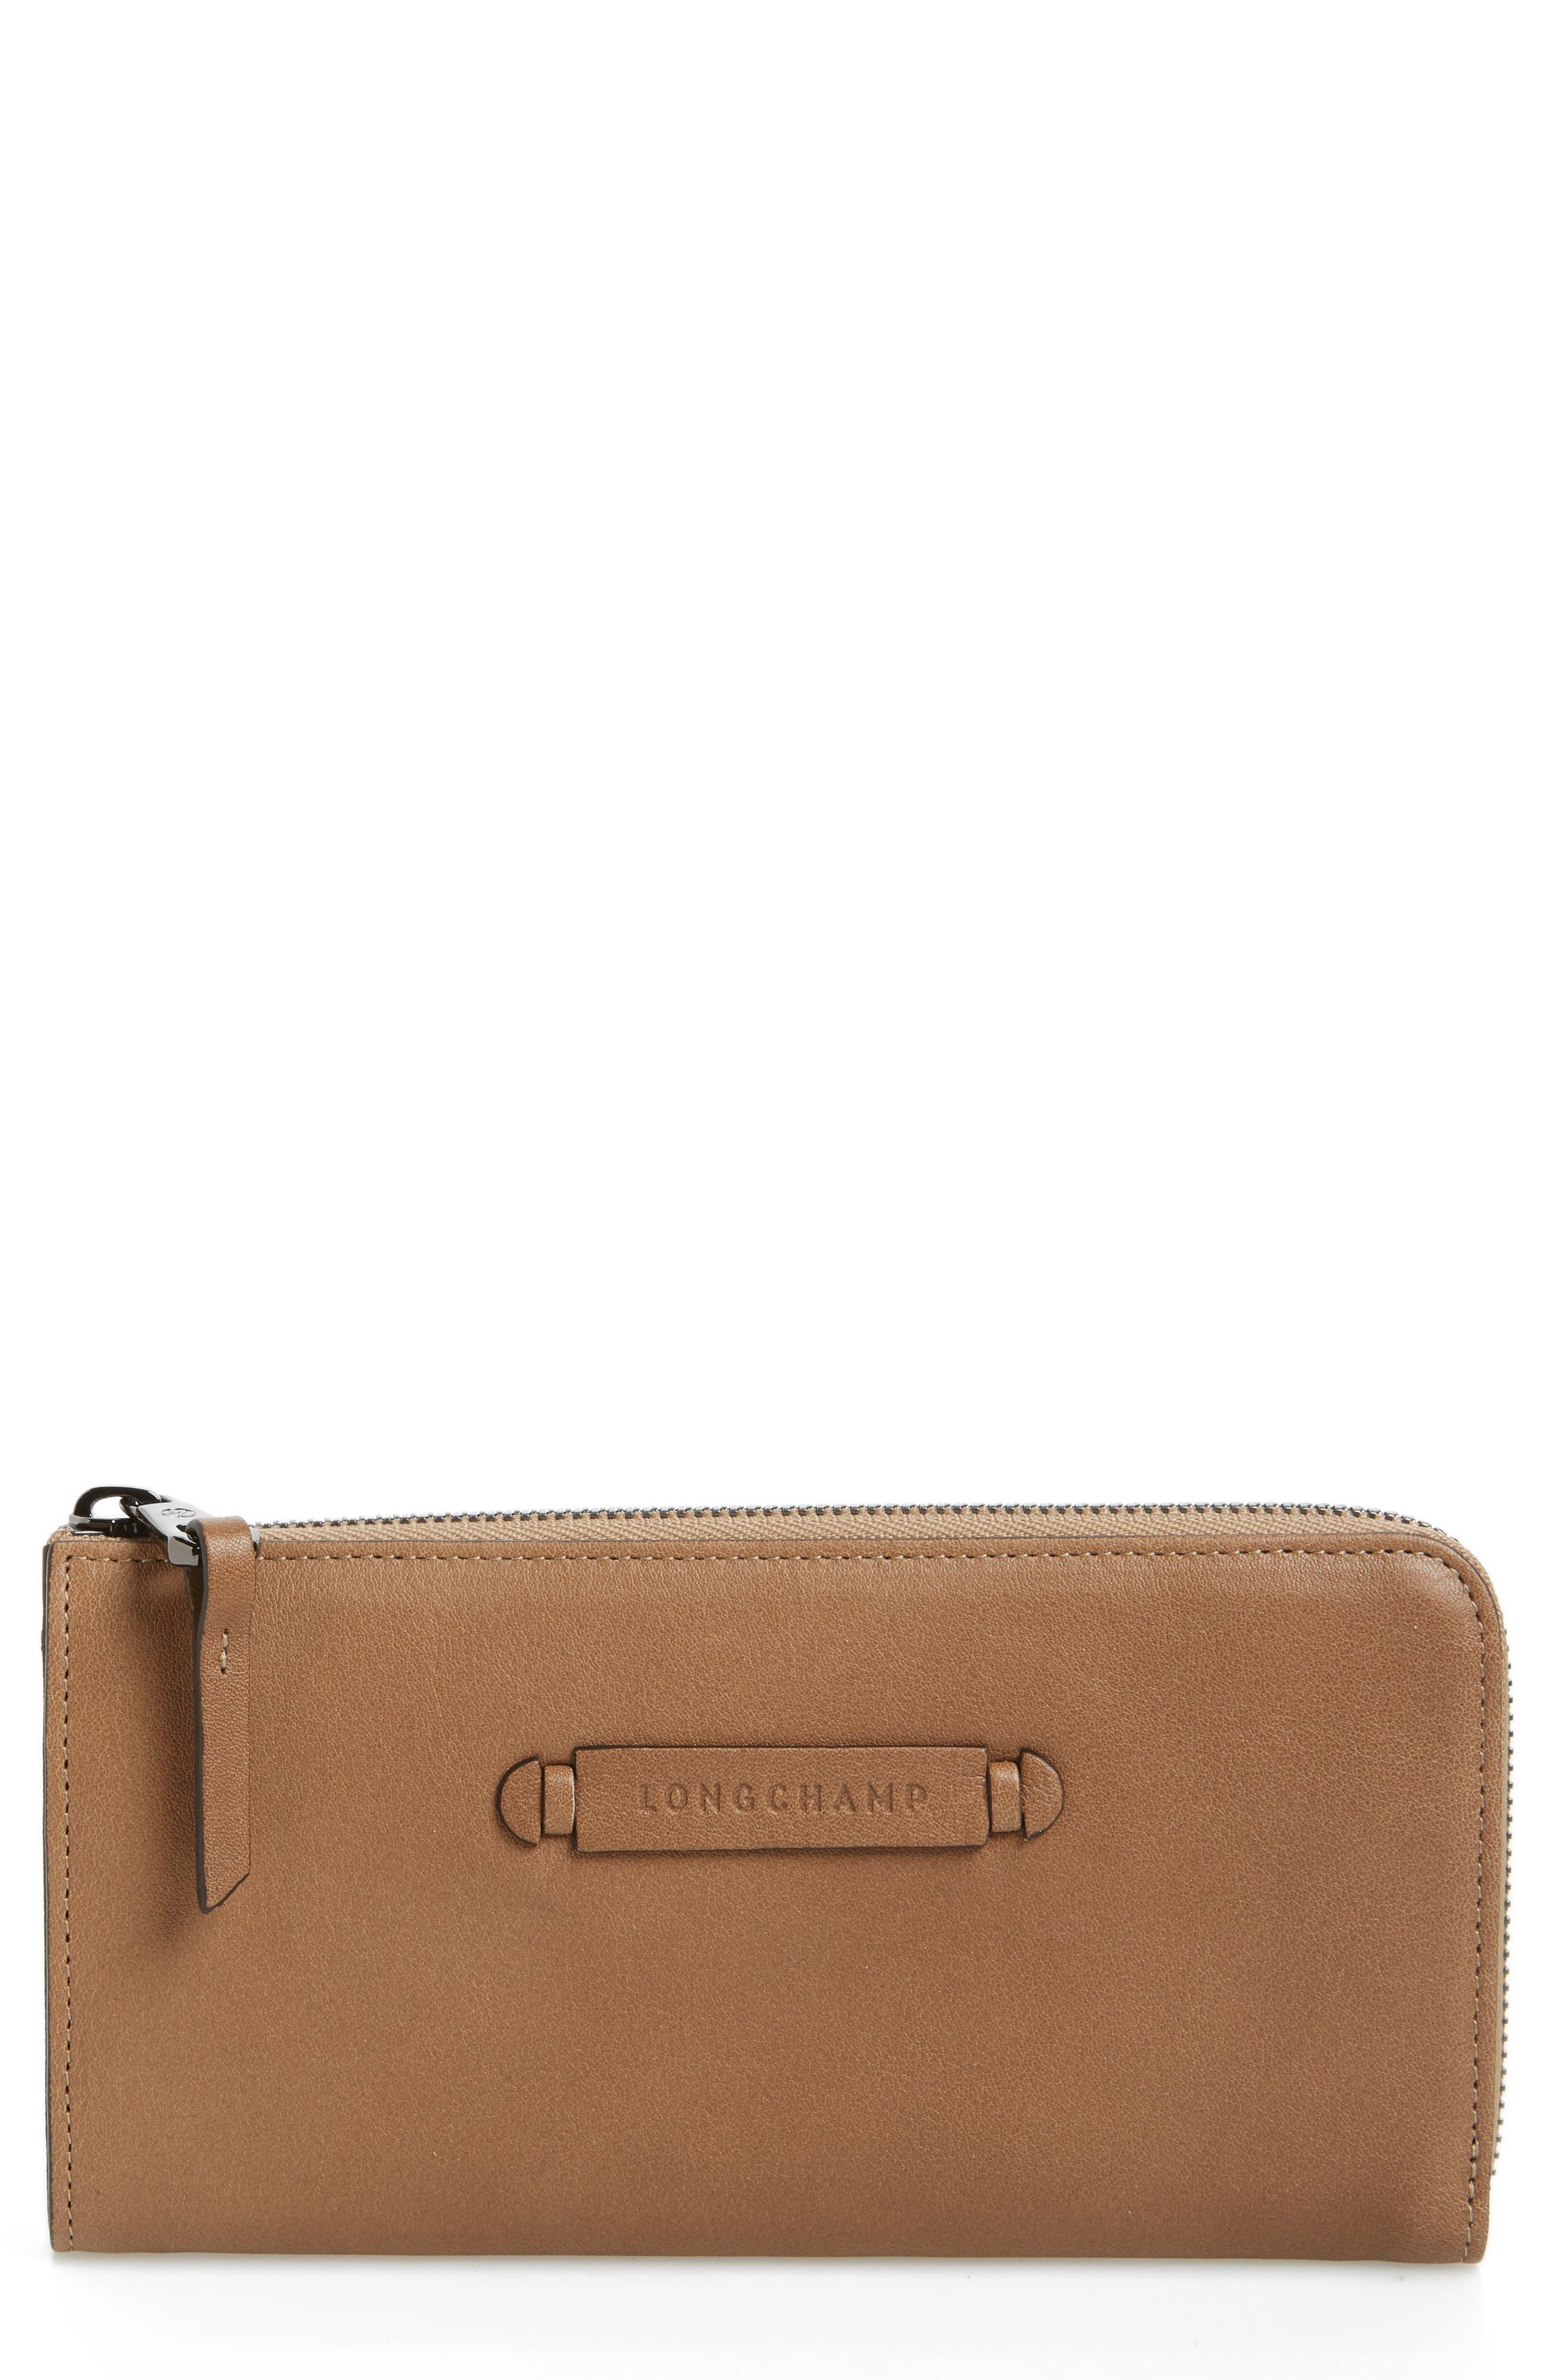 LONGCHAMP 3D Leather Wallet